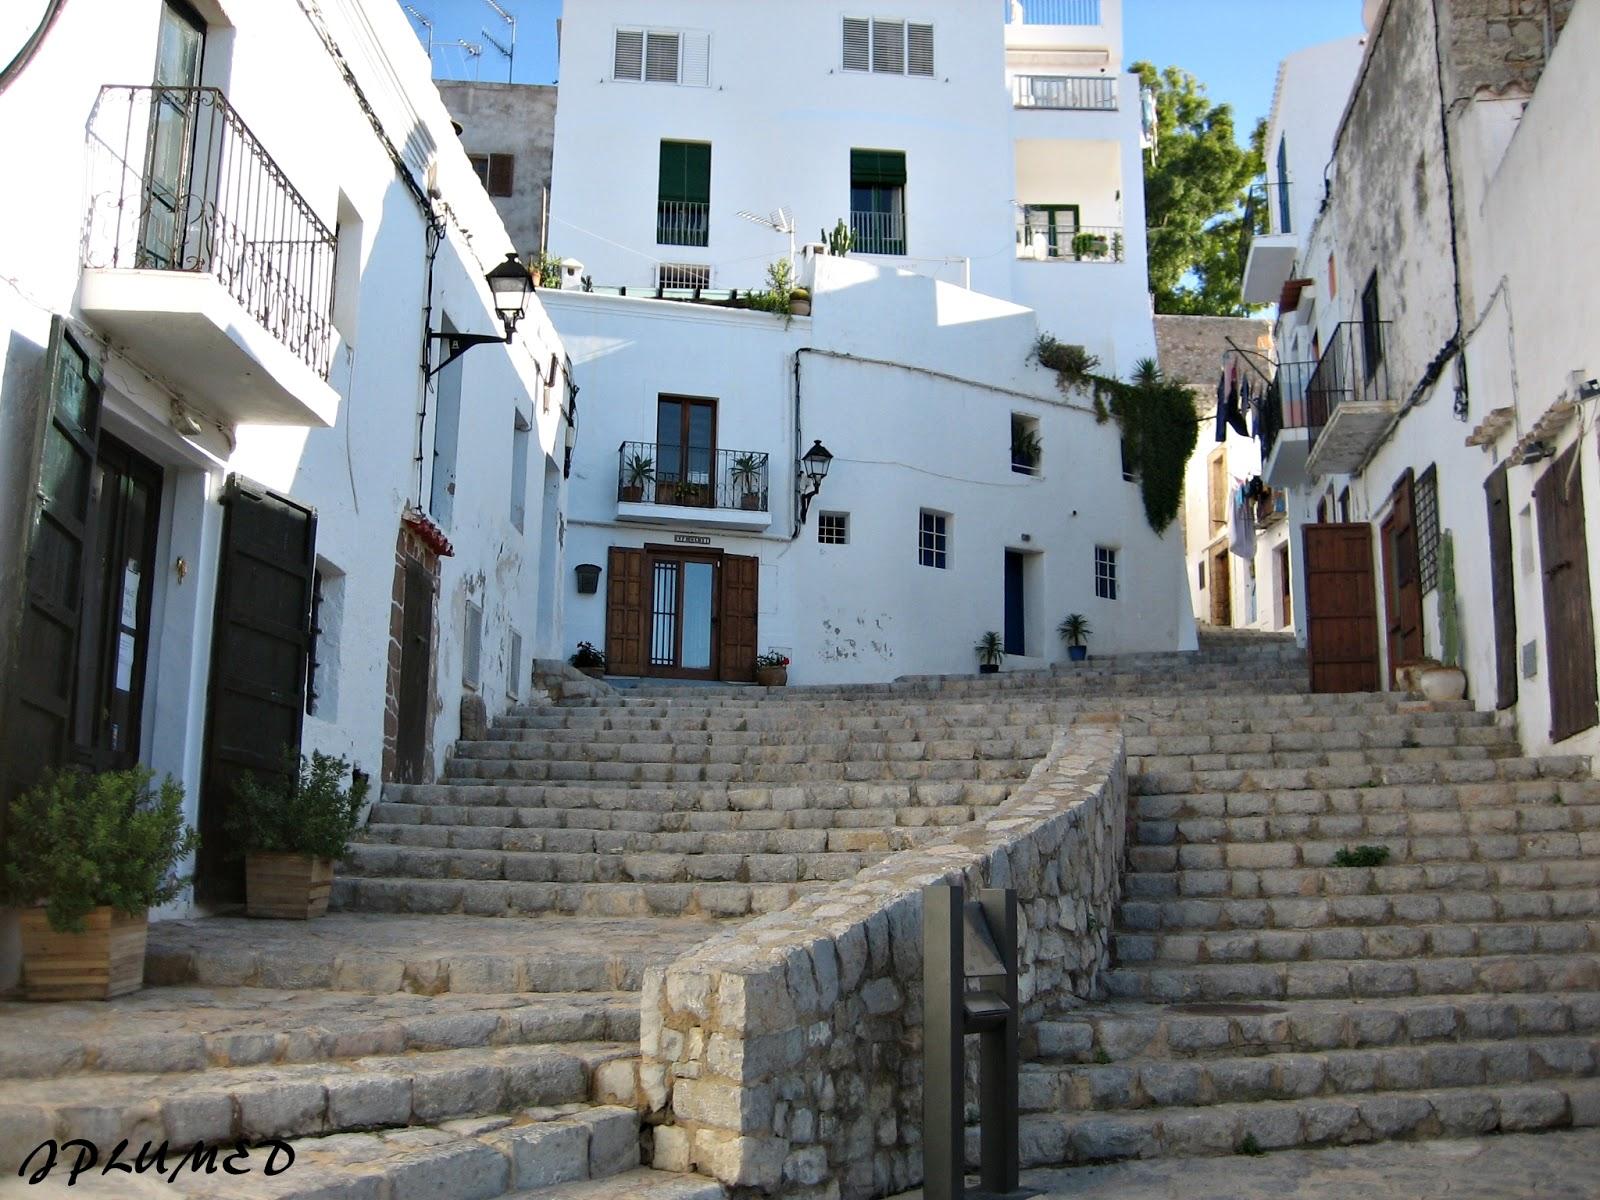 Pueblos y lugares con encanto ibiza - Lugares con encanto ...